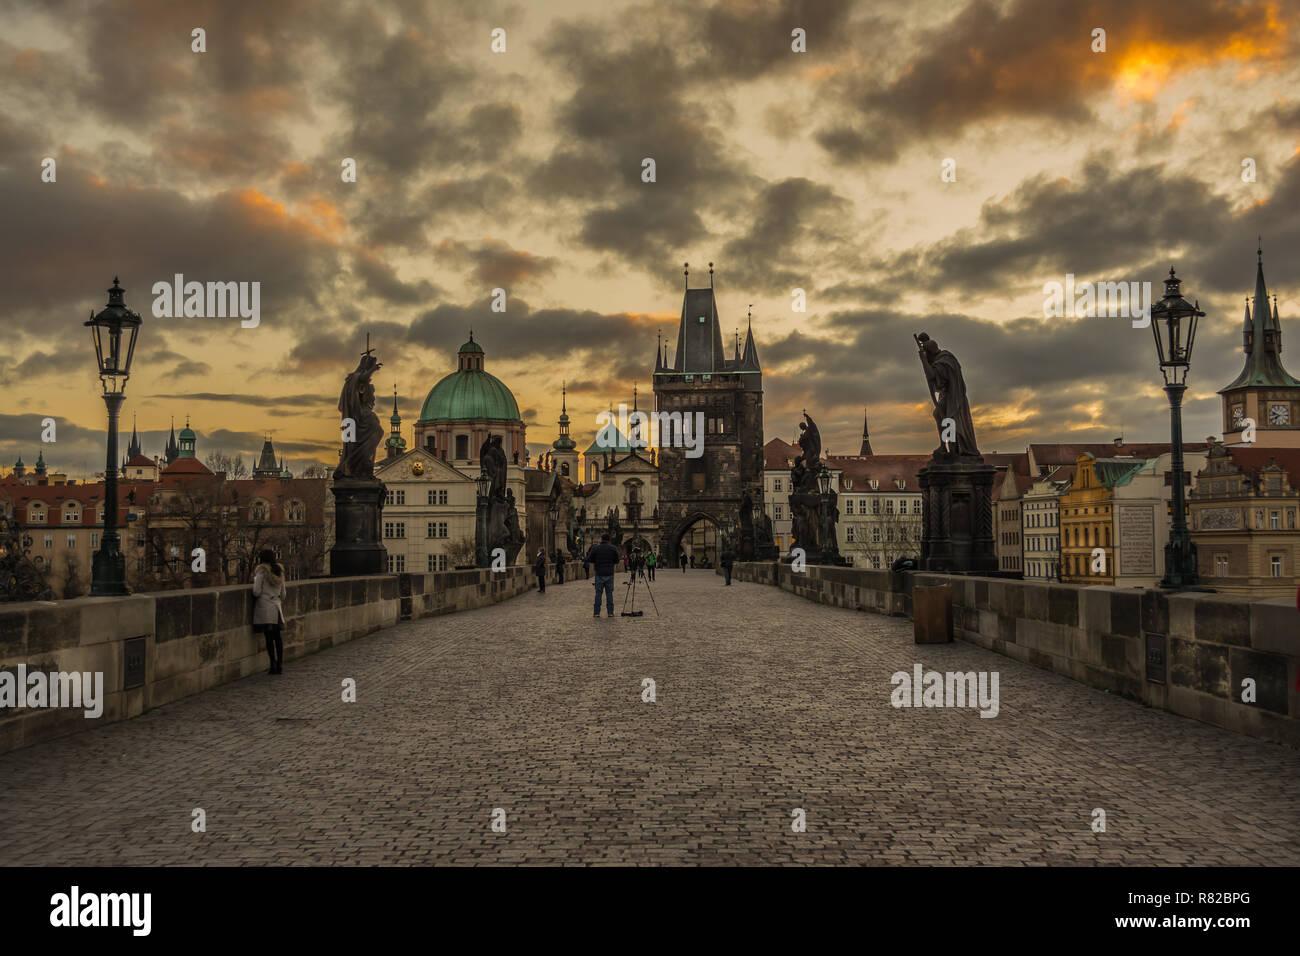 Belle scène au célèbre monument de Prague (République tchèque), le Pont Charles. Photo Stock